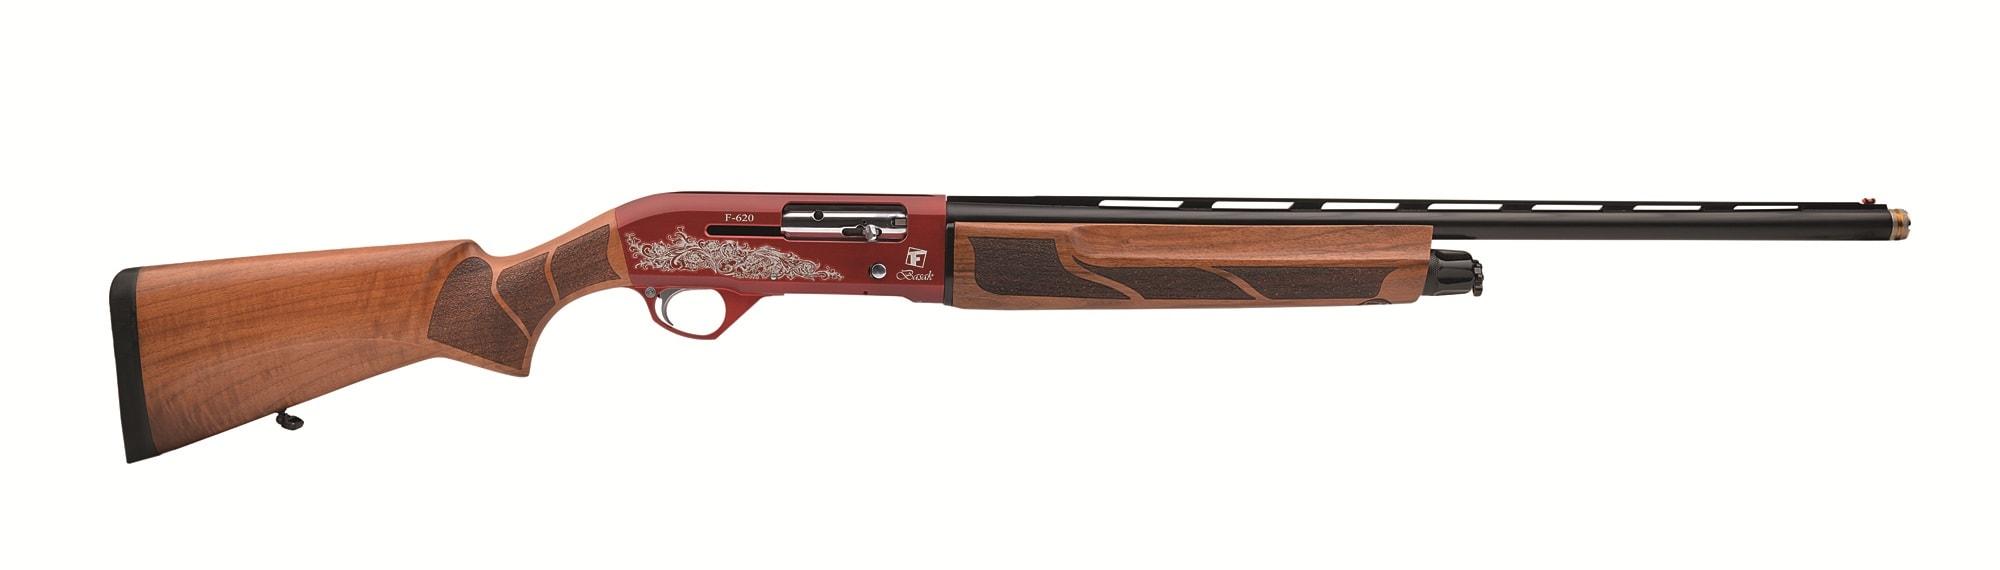 Basak F620 Red